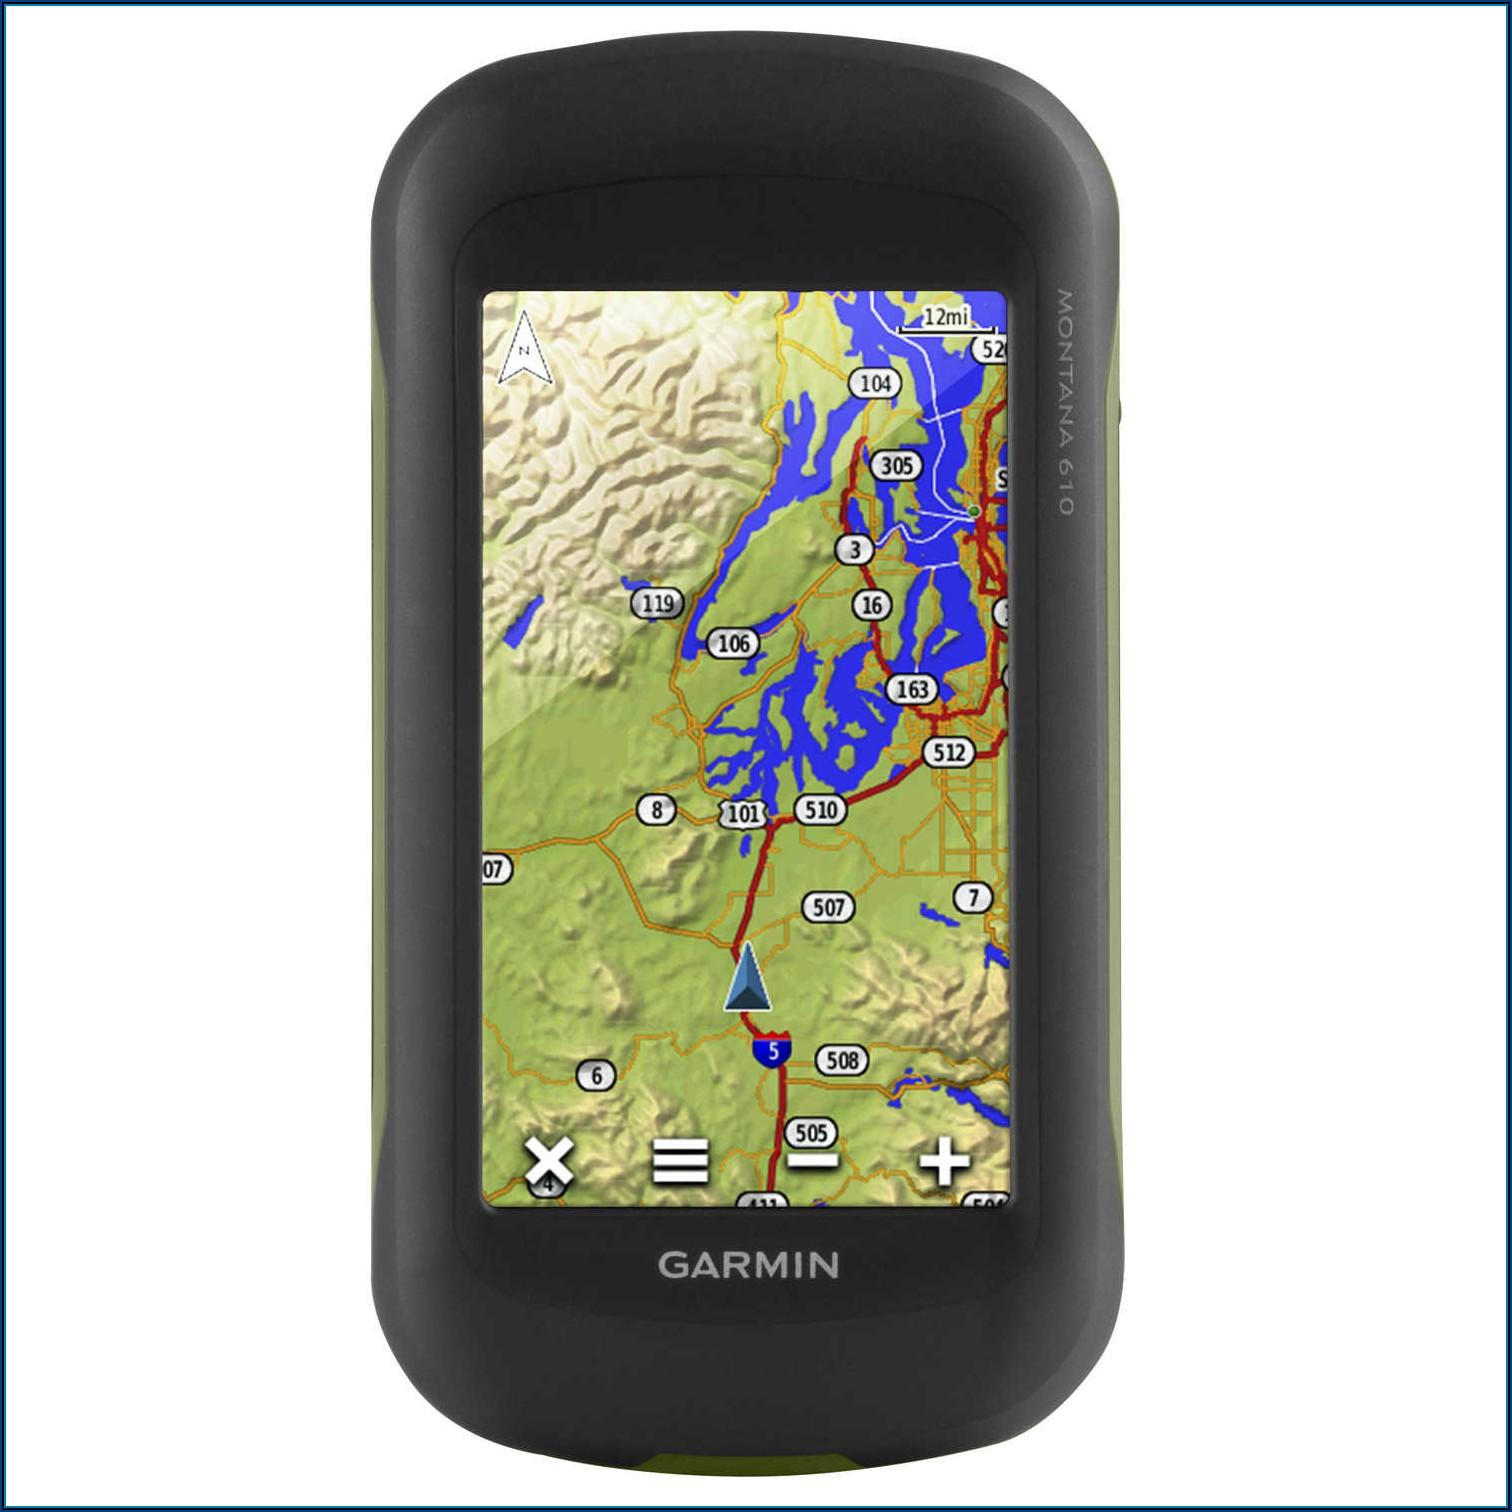 Montana 610 Gps Maps